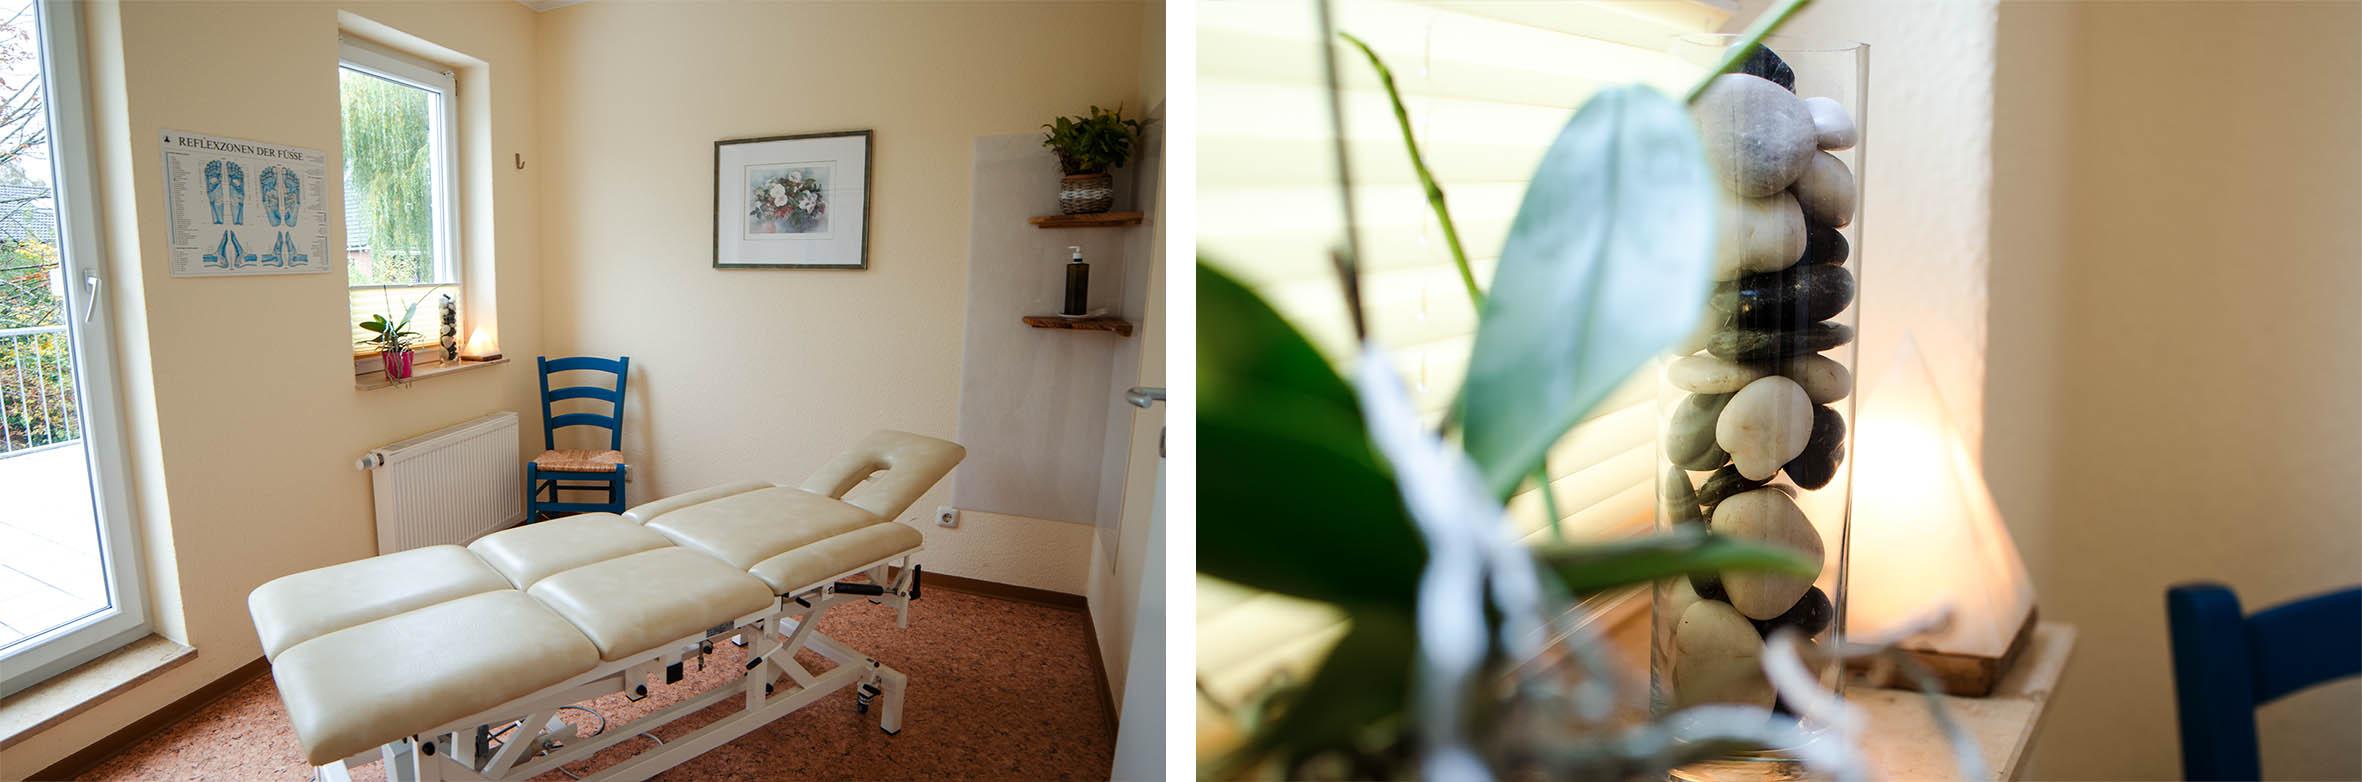 Behandlungszimmer im Therapiehaus Panta rhei